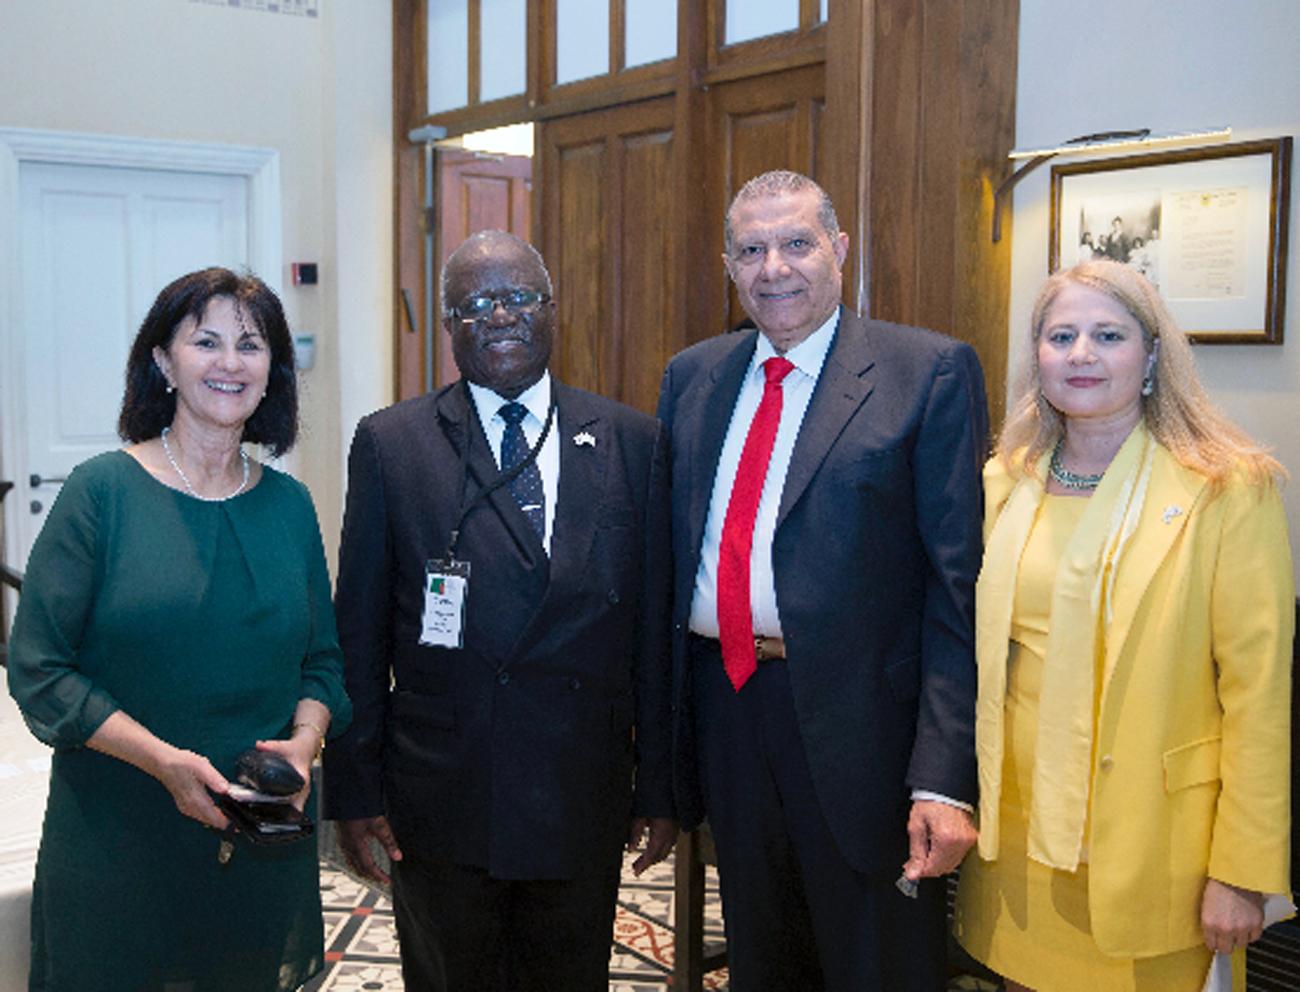 איילה ויטנר, ניסו בצלאל, מרטין מוונבל (שגריר זמביה בישראל), קורין גנור (צילום: עמוס הירש) (צילום: עמוס הירש)